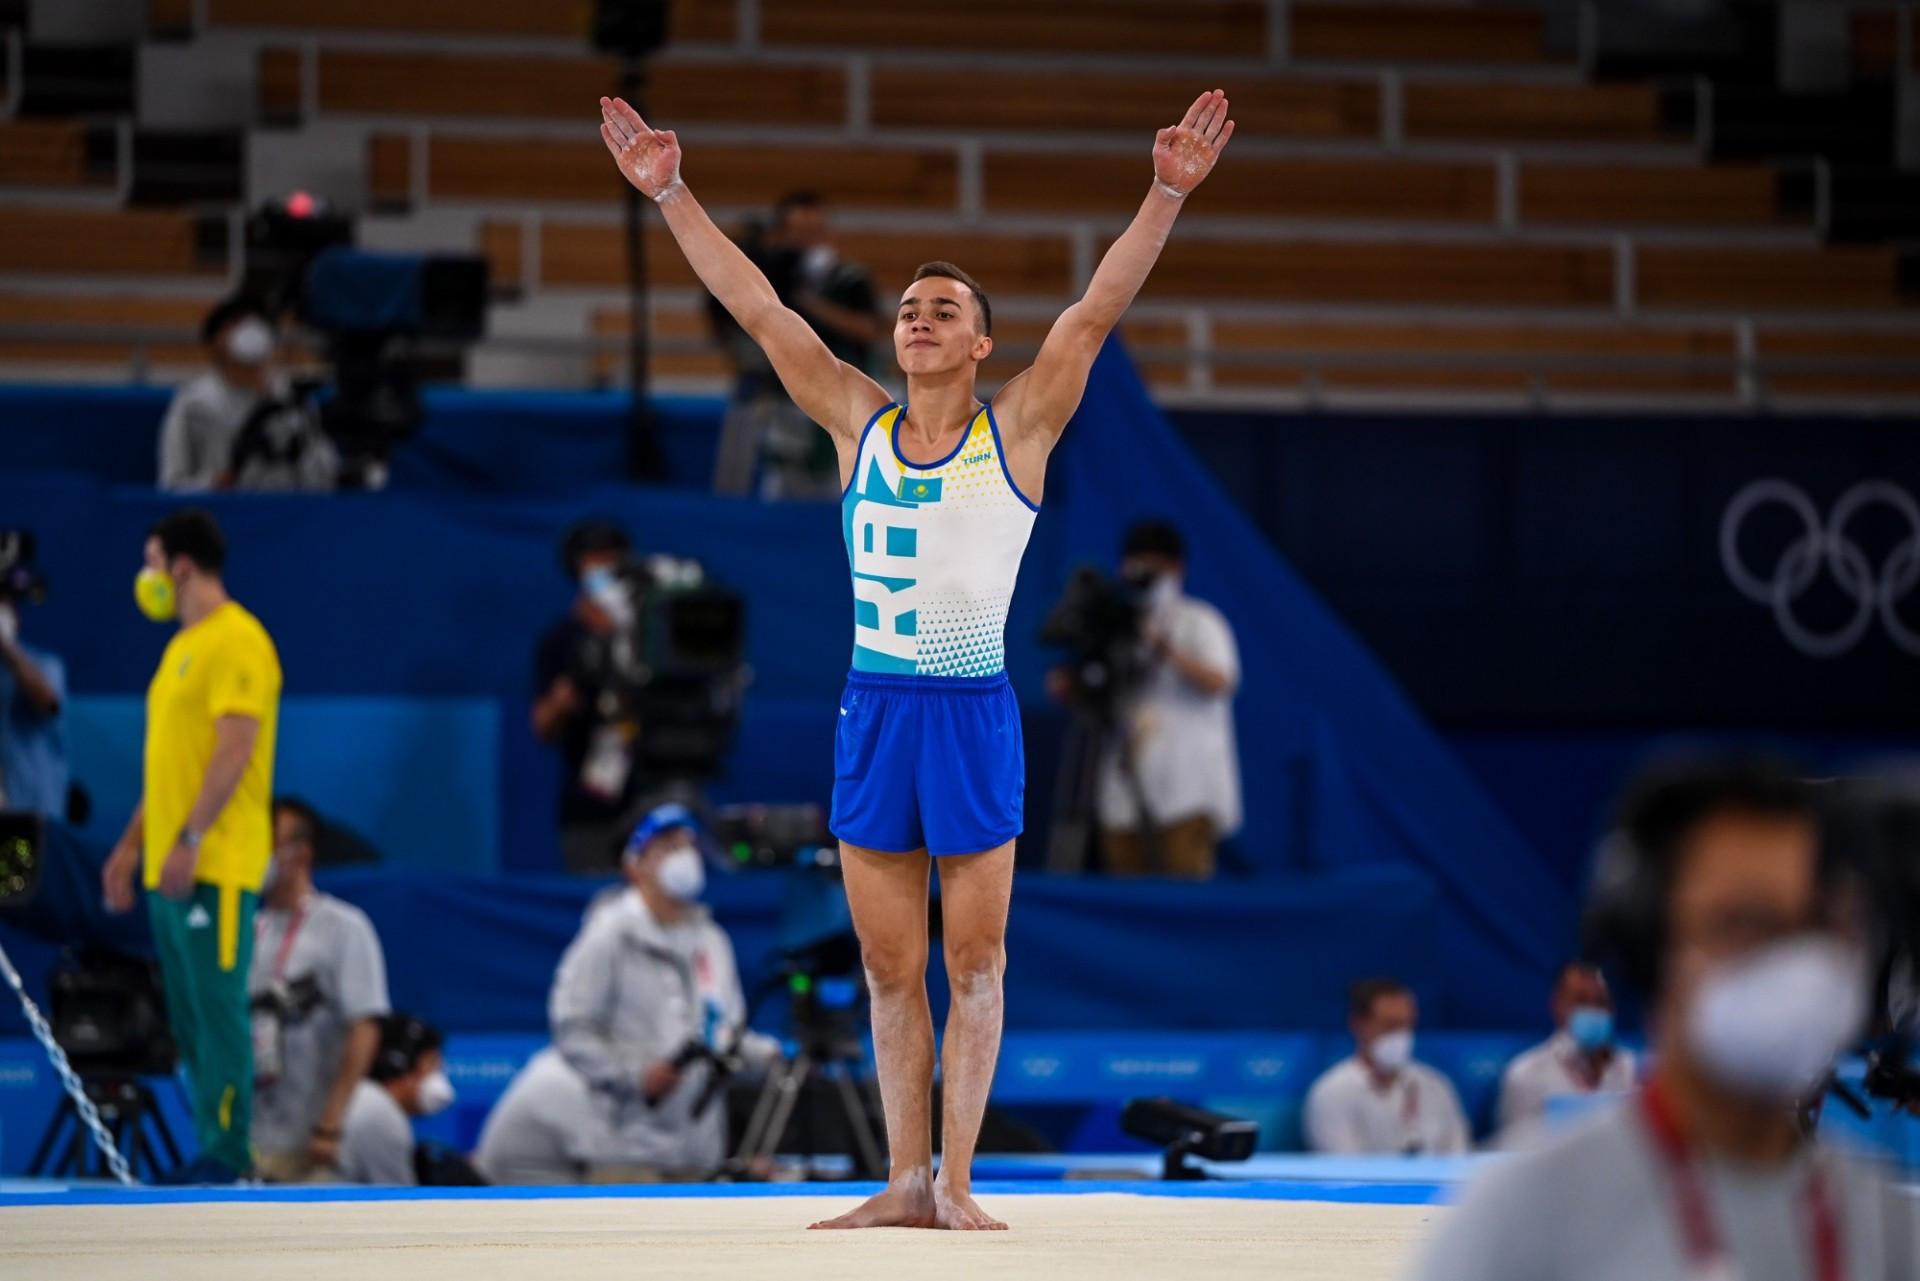 Милад Карими спорттық гимнастикадан үш жаттығу бойынша финалға шықты